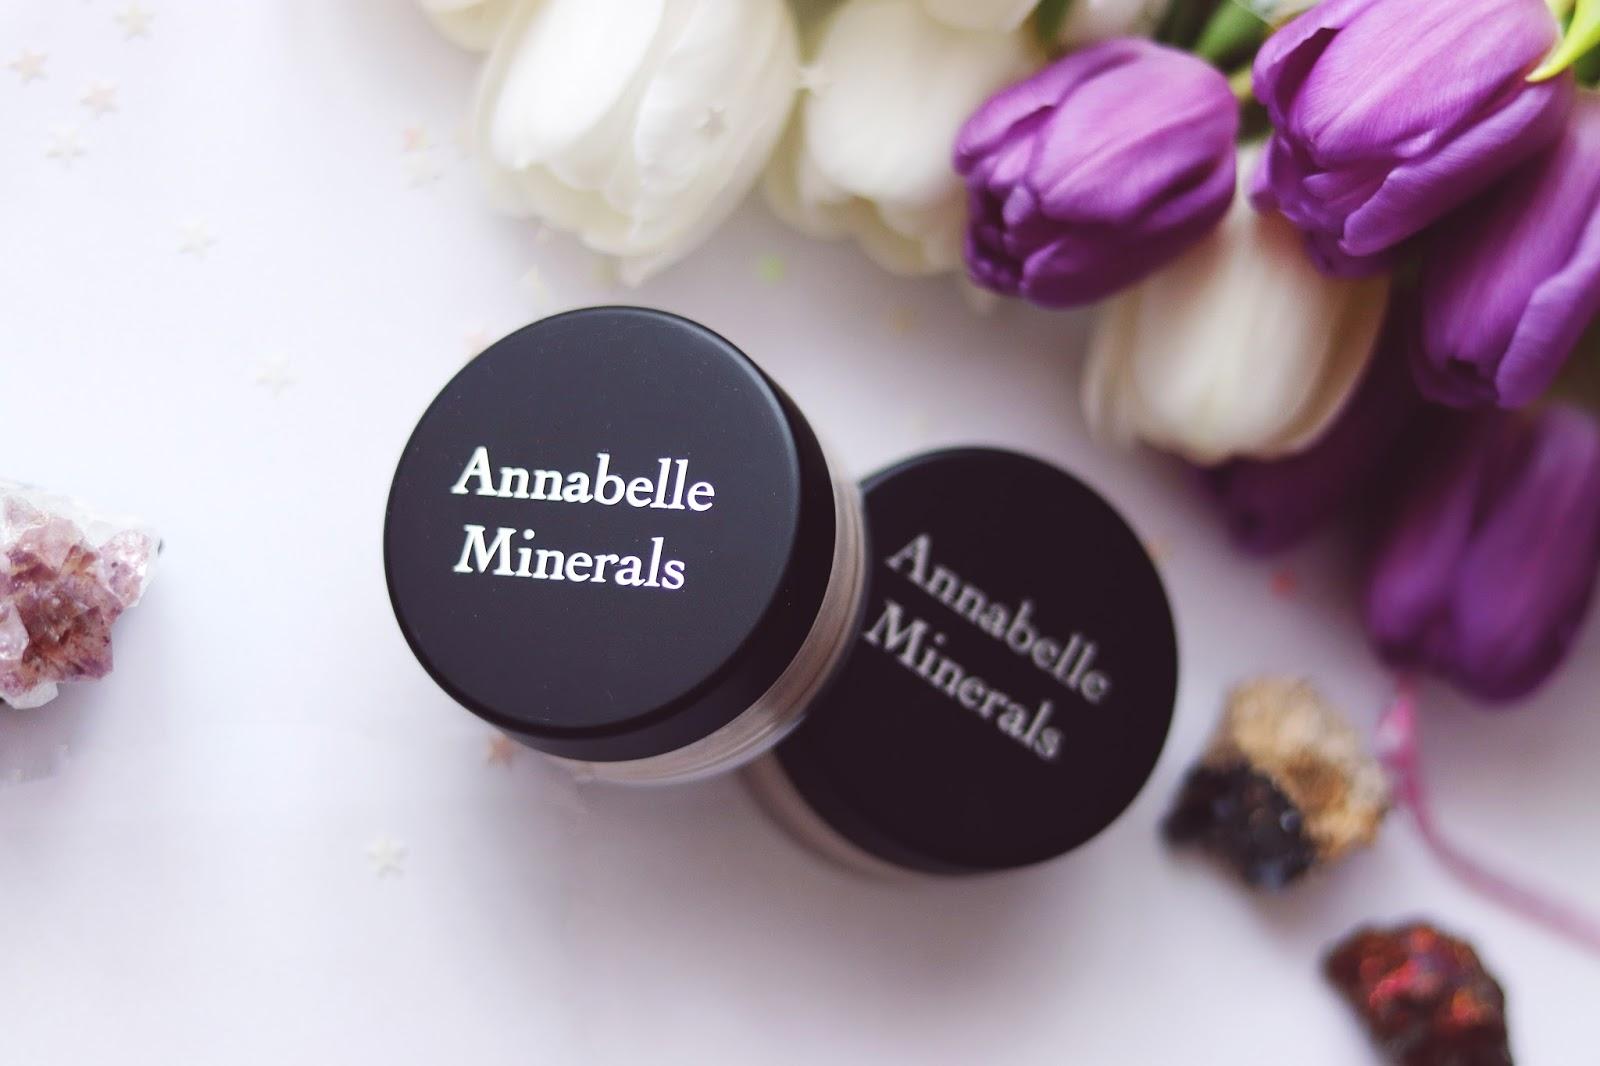 Annabelle minerals opinie